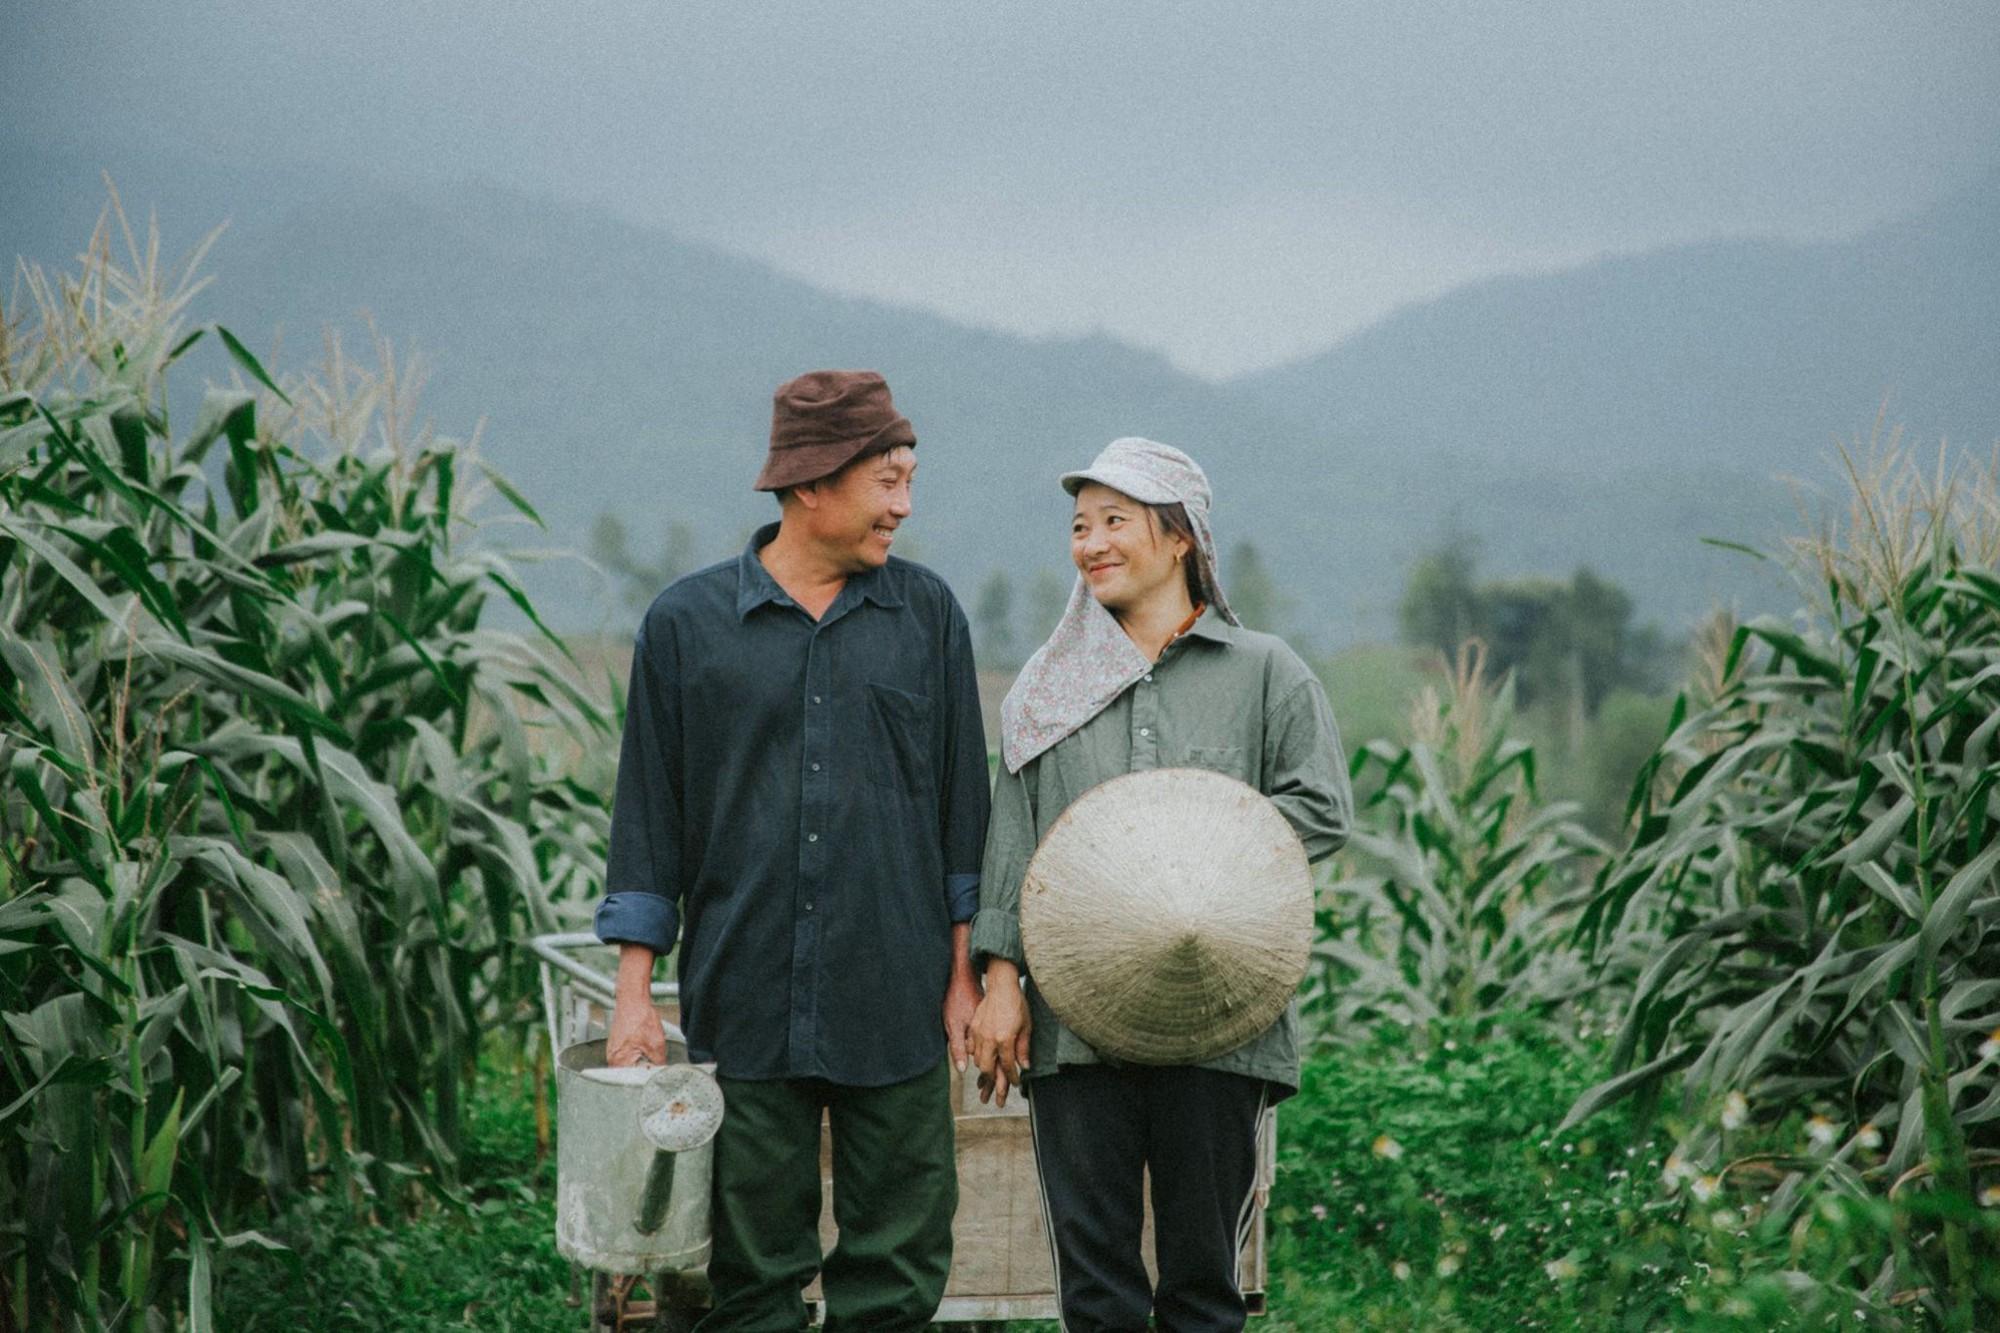 Bộ ảnh con trai chụp bố mẹ trên cánh đồng khiến ai cũng bất giác mỉm cười vì quá đỗi bình yên - Ảnh 2.